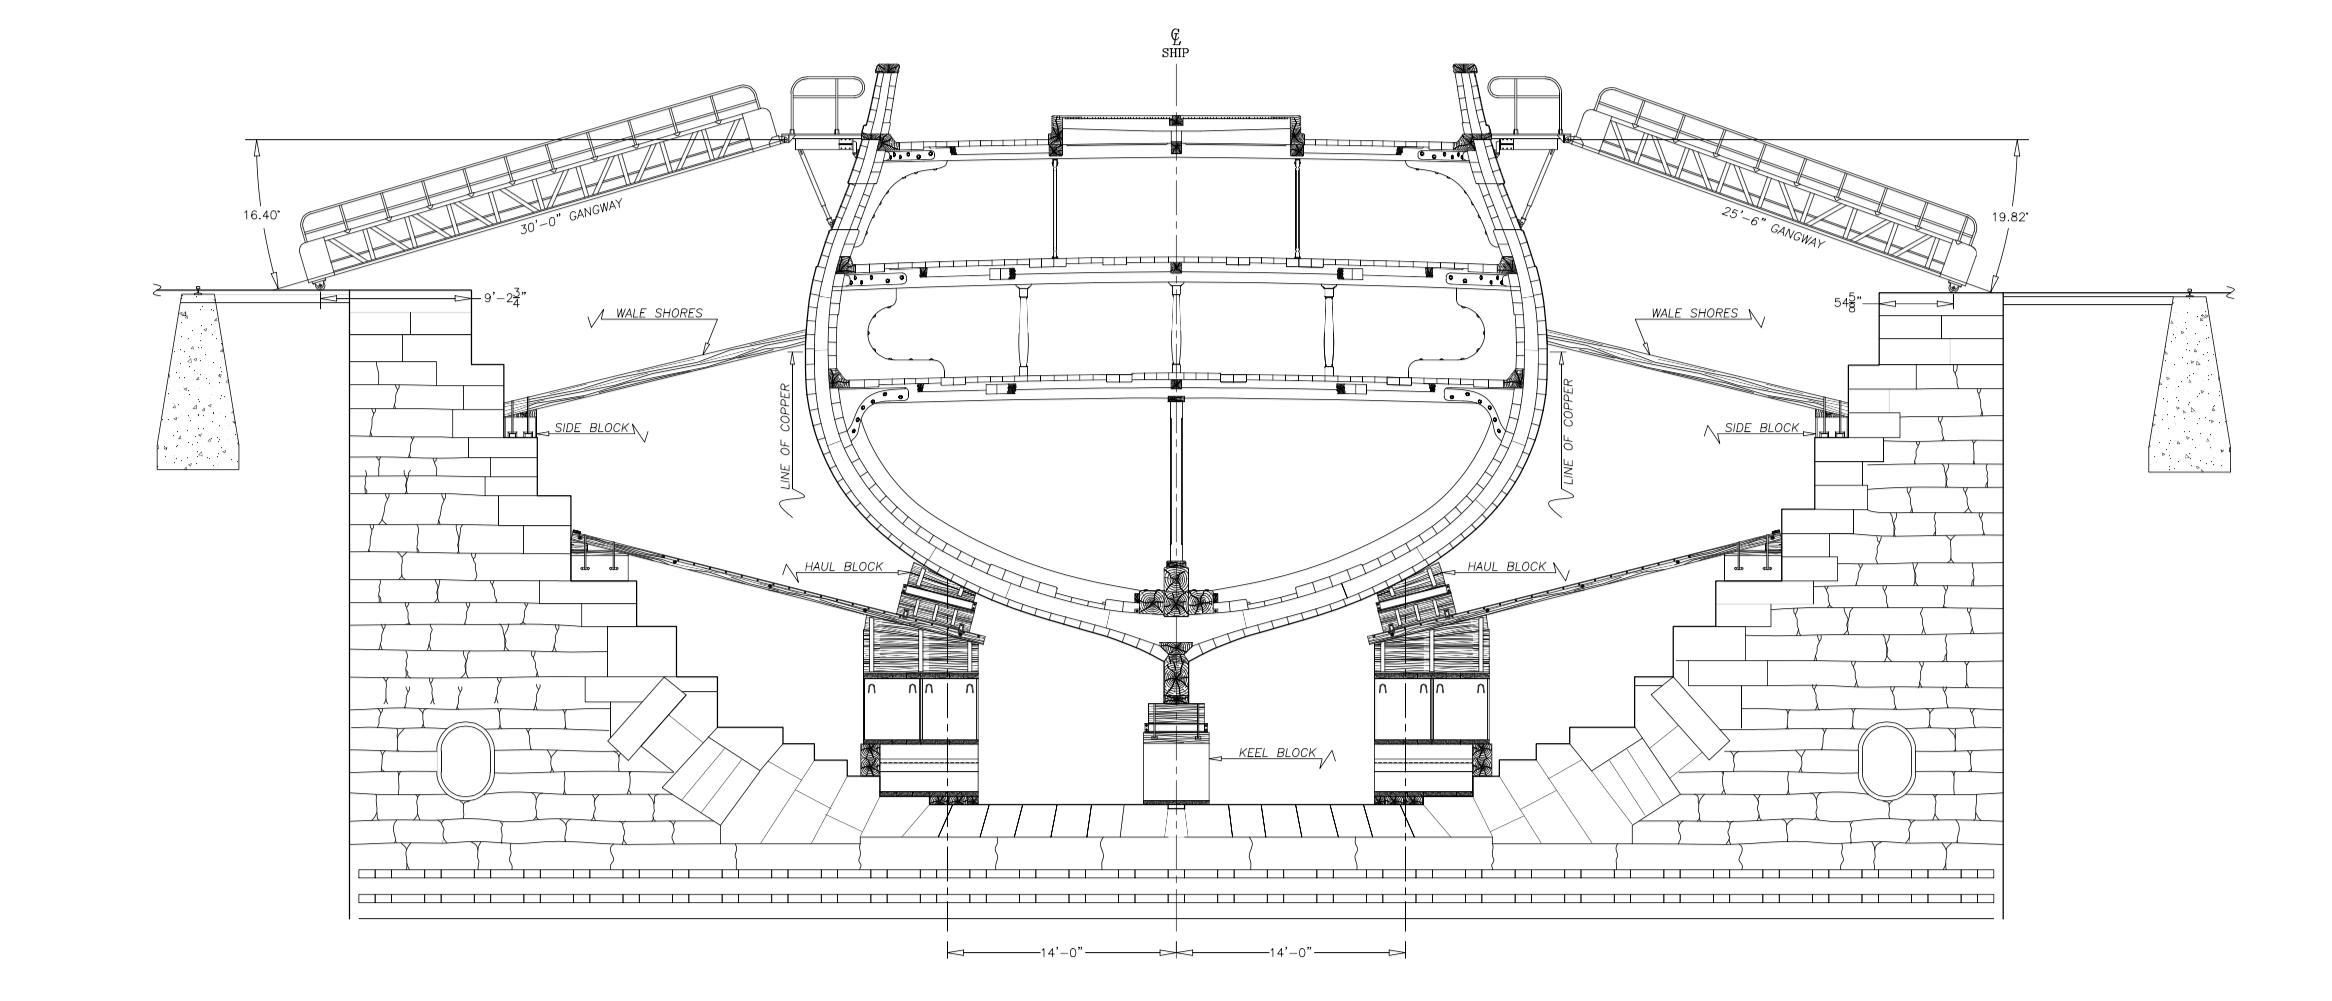 dry dock diagram wiring diagram blog dry well diagram charlestown navy yard dock lines dry dock [ 2332 x 1001 Pixel ]